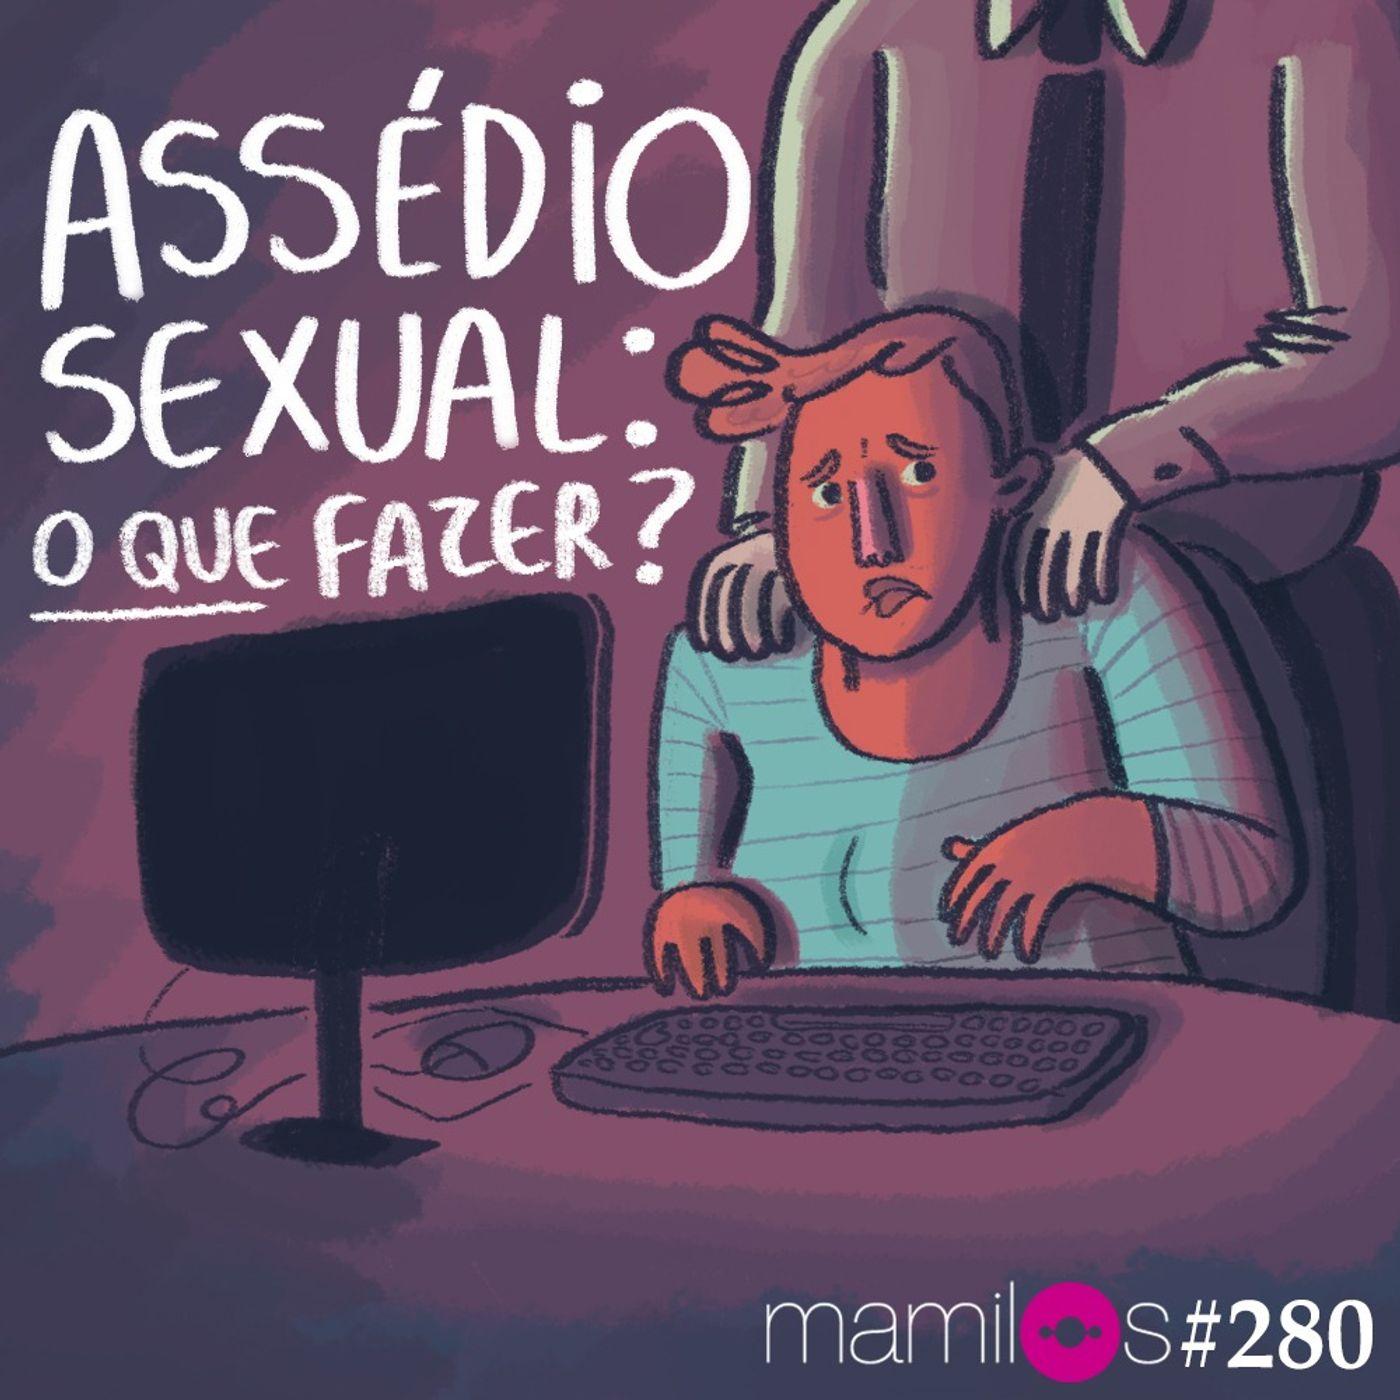 Assédio sexual: o que fazer?